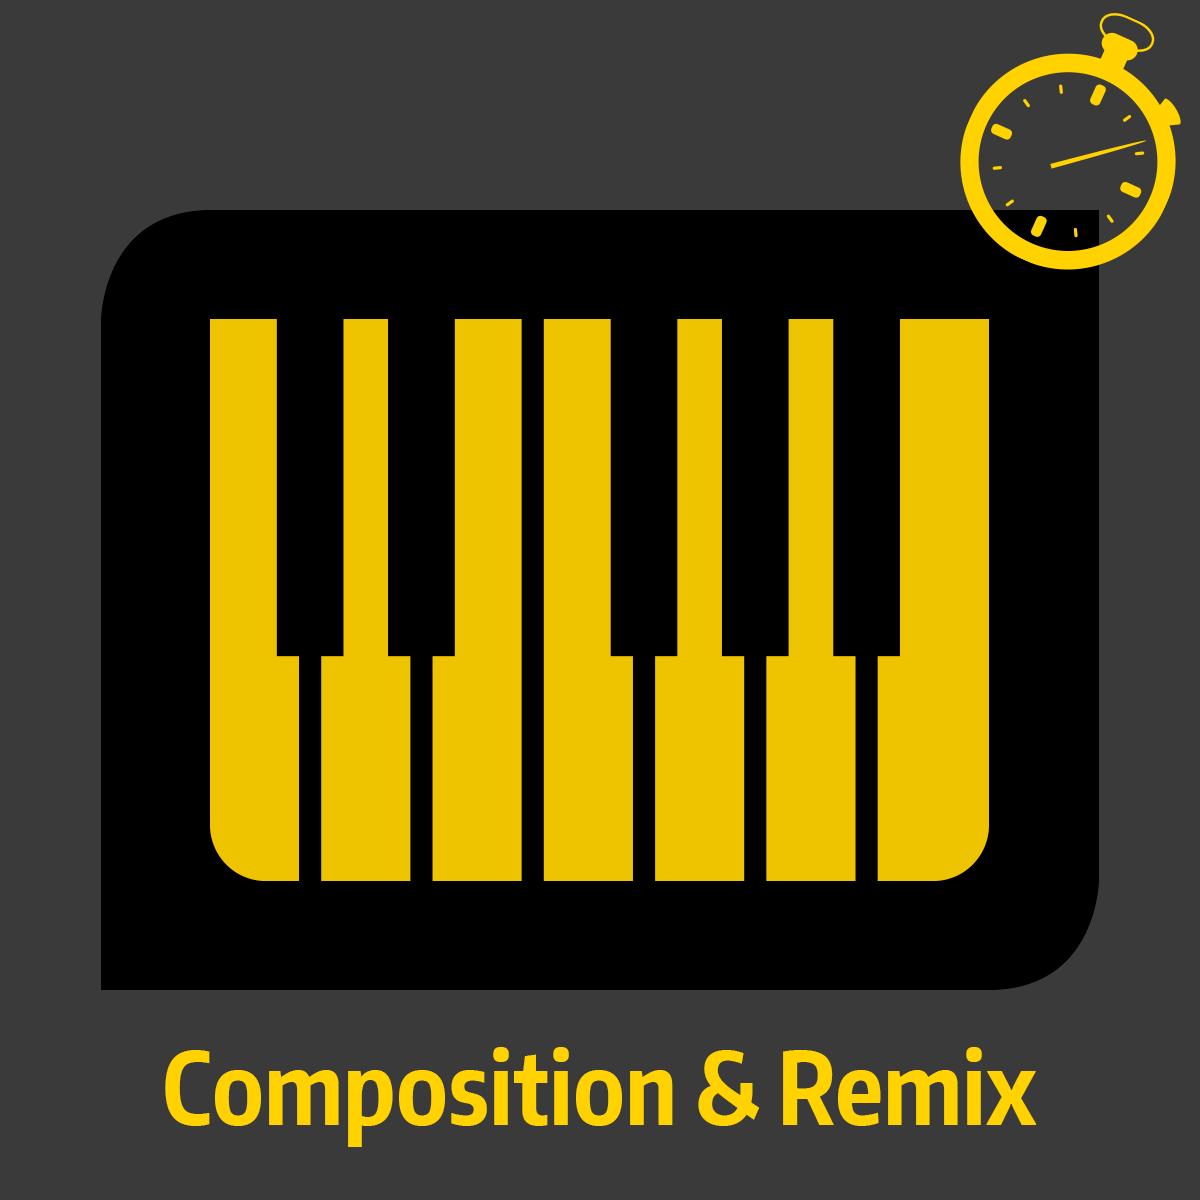 Formation accélérée - Composition & Remix